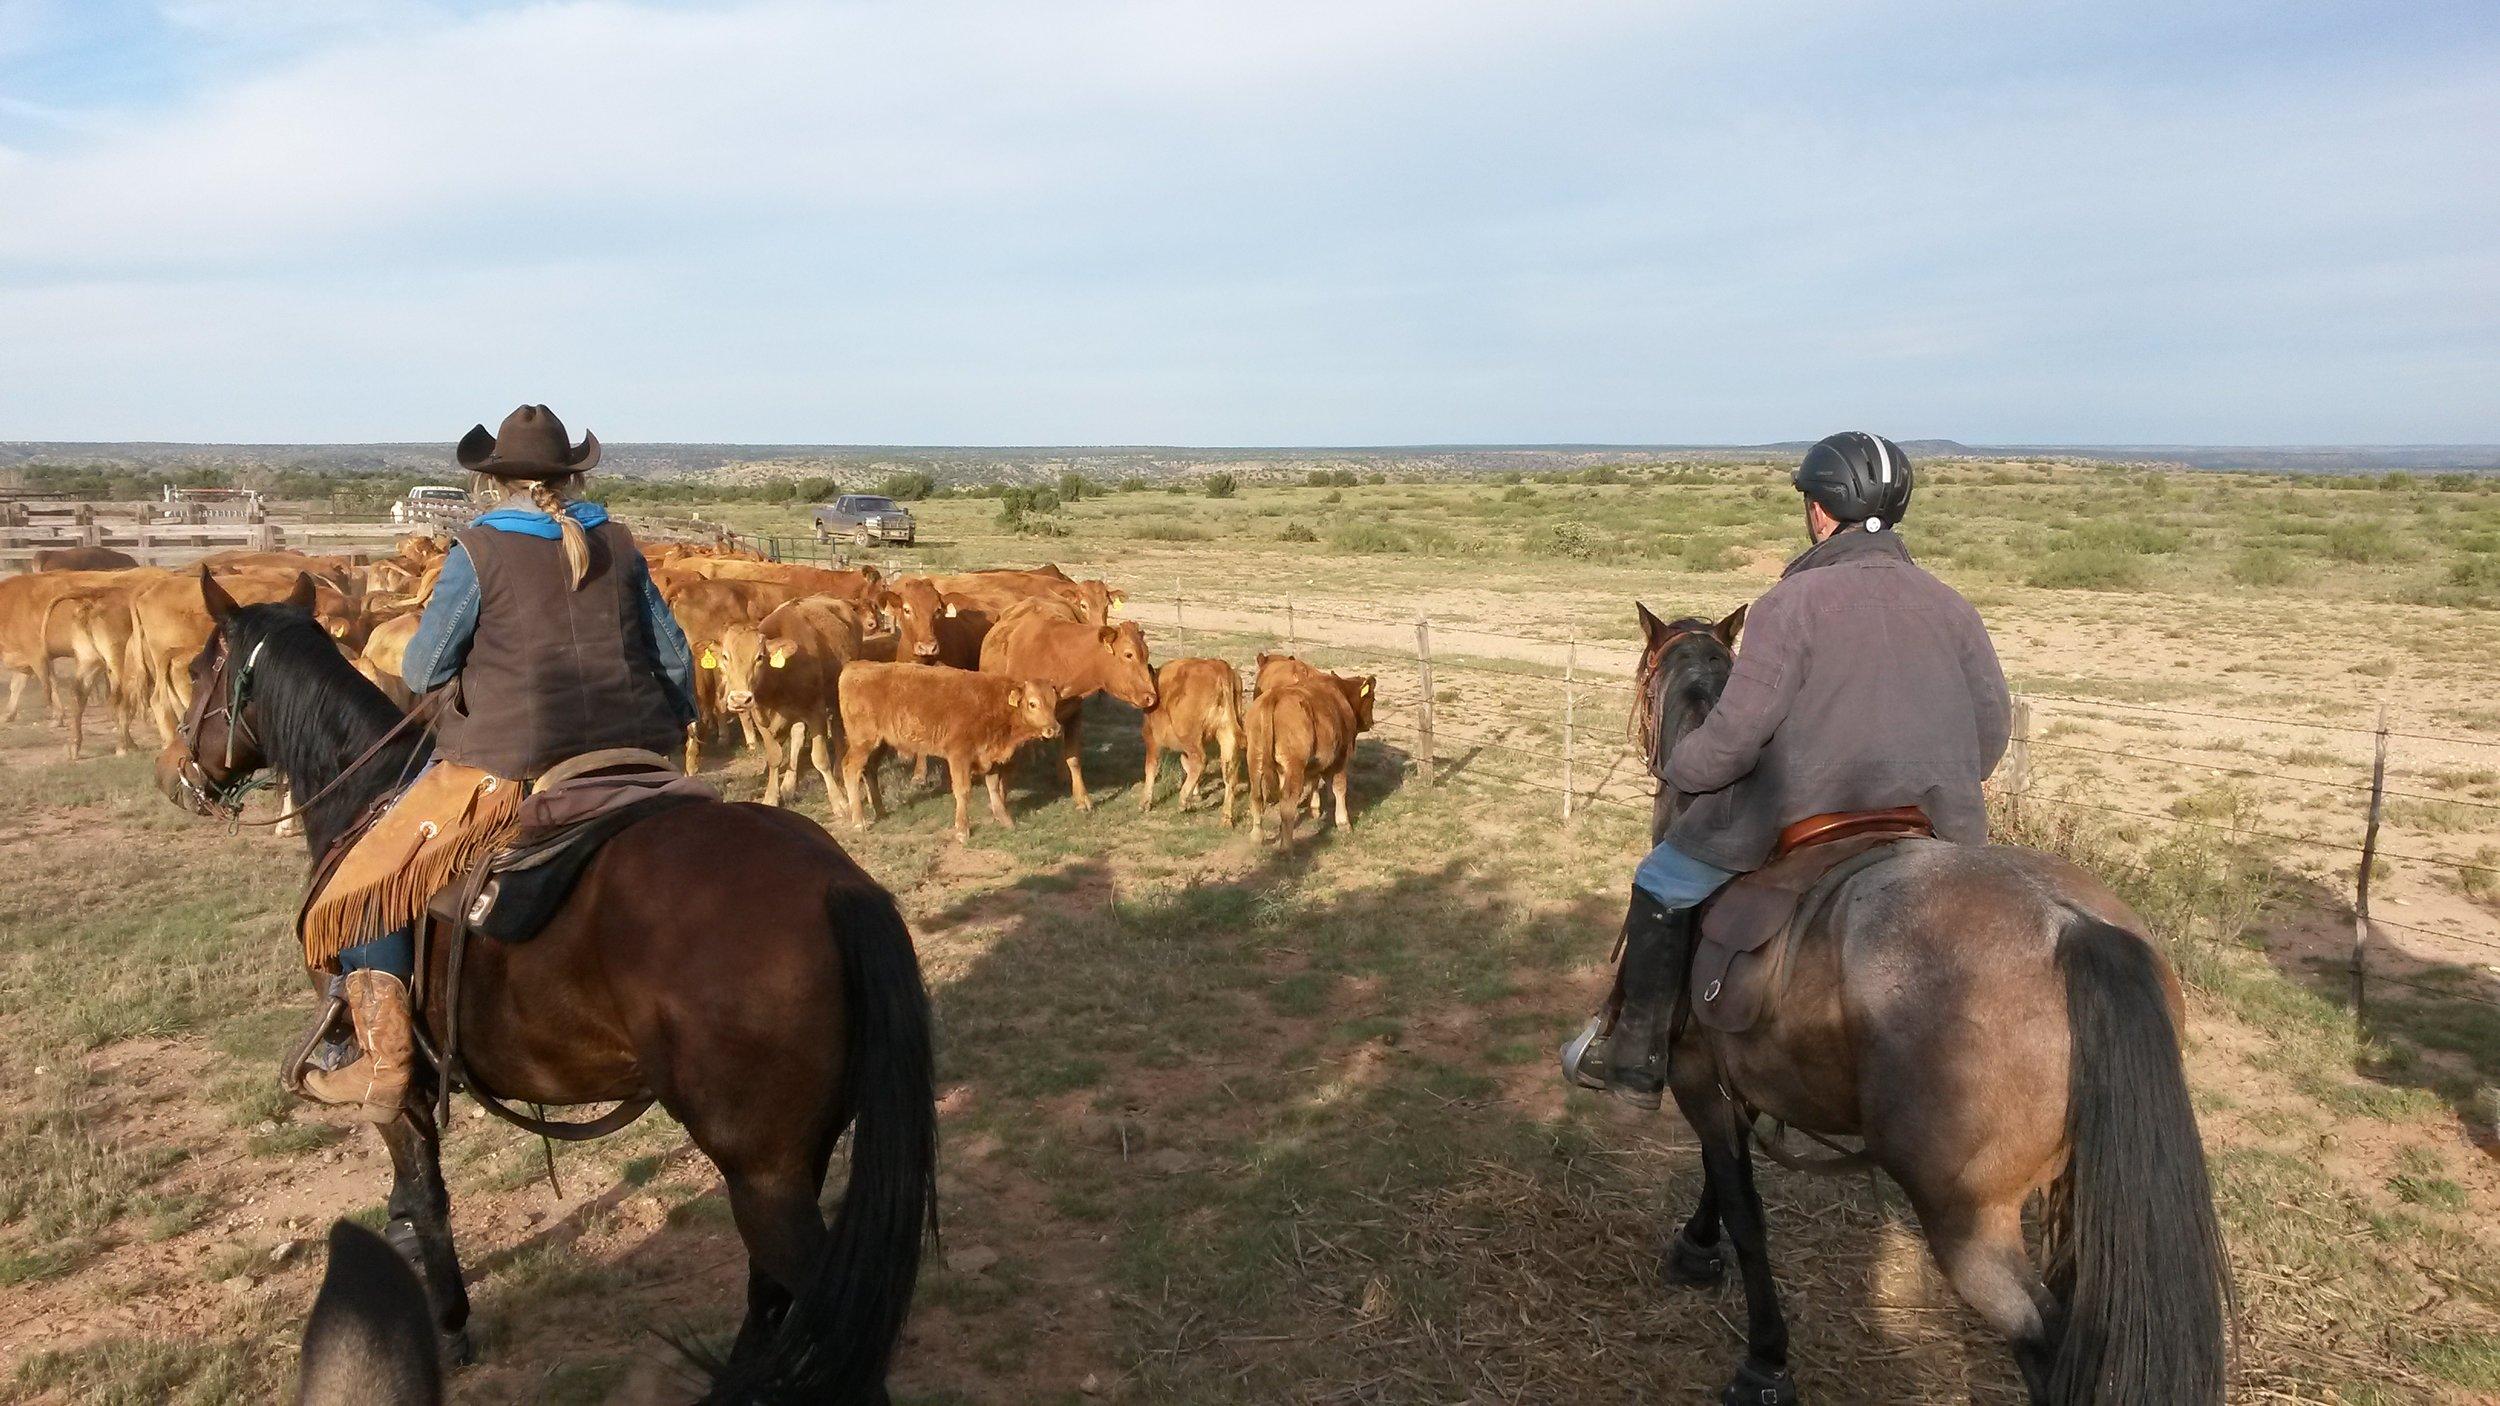 Middle of October we were helping friends gathering their (japanese) Akaushi cattle. Andy on Kip (left) and Leo on Gus (right) at work.  Mitte Oktober haben wir Freunden geholfen ihre (japanischen) Akaushi Rinder einzutreiben. Andy auf Kip (links) und Leo auf Gus (rechts) bei der Arbeit.